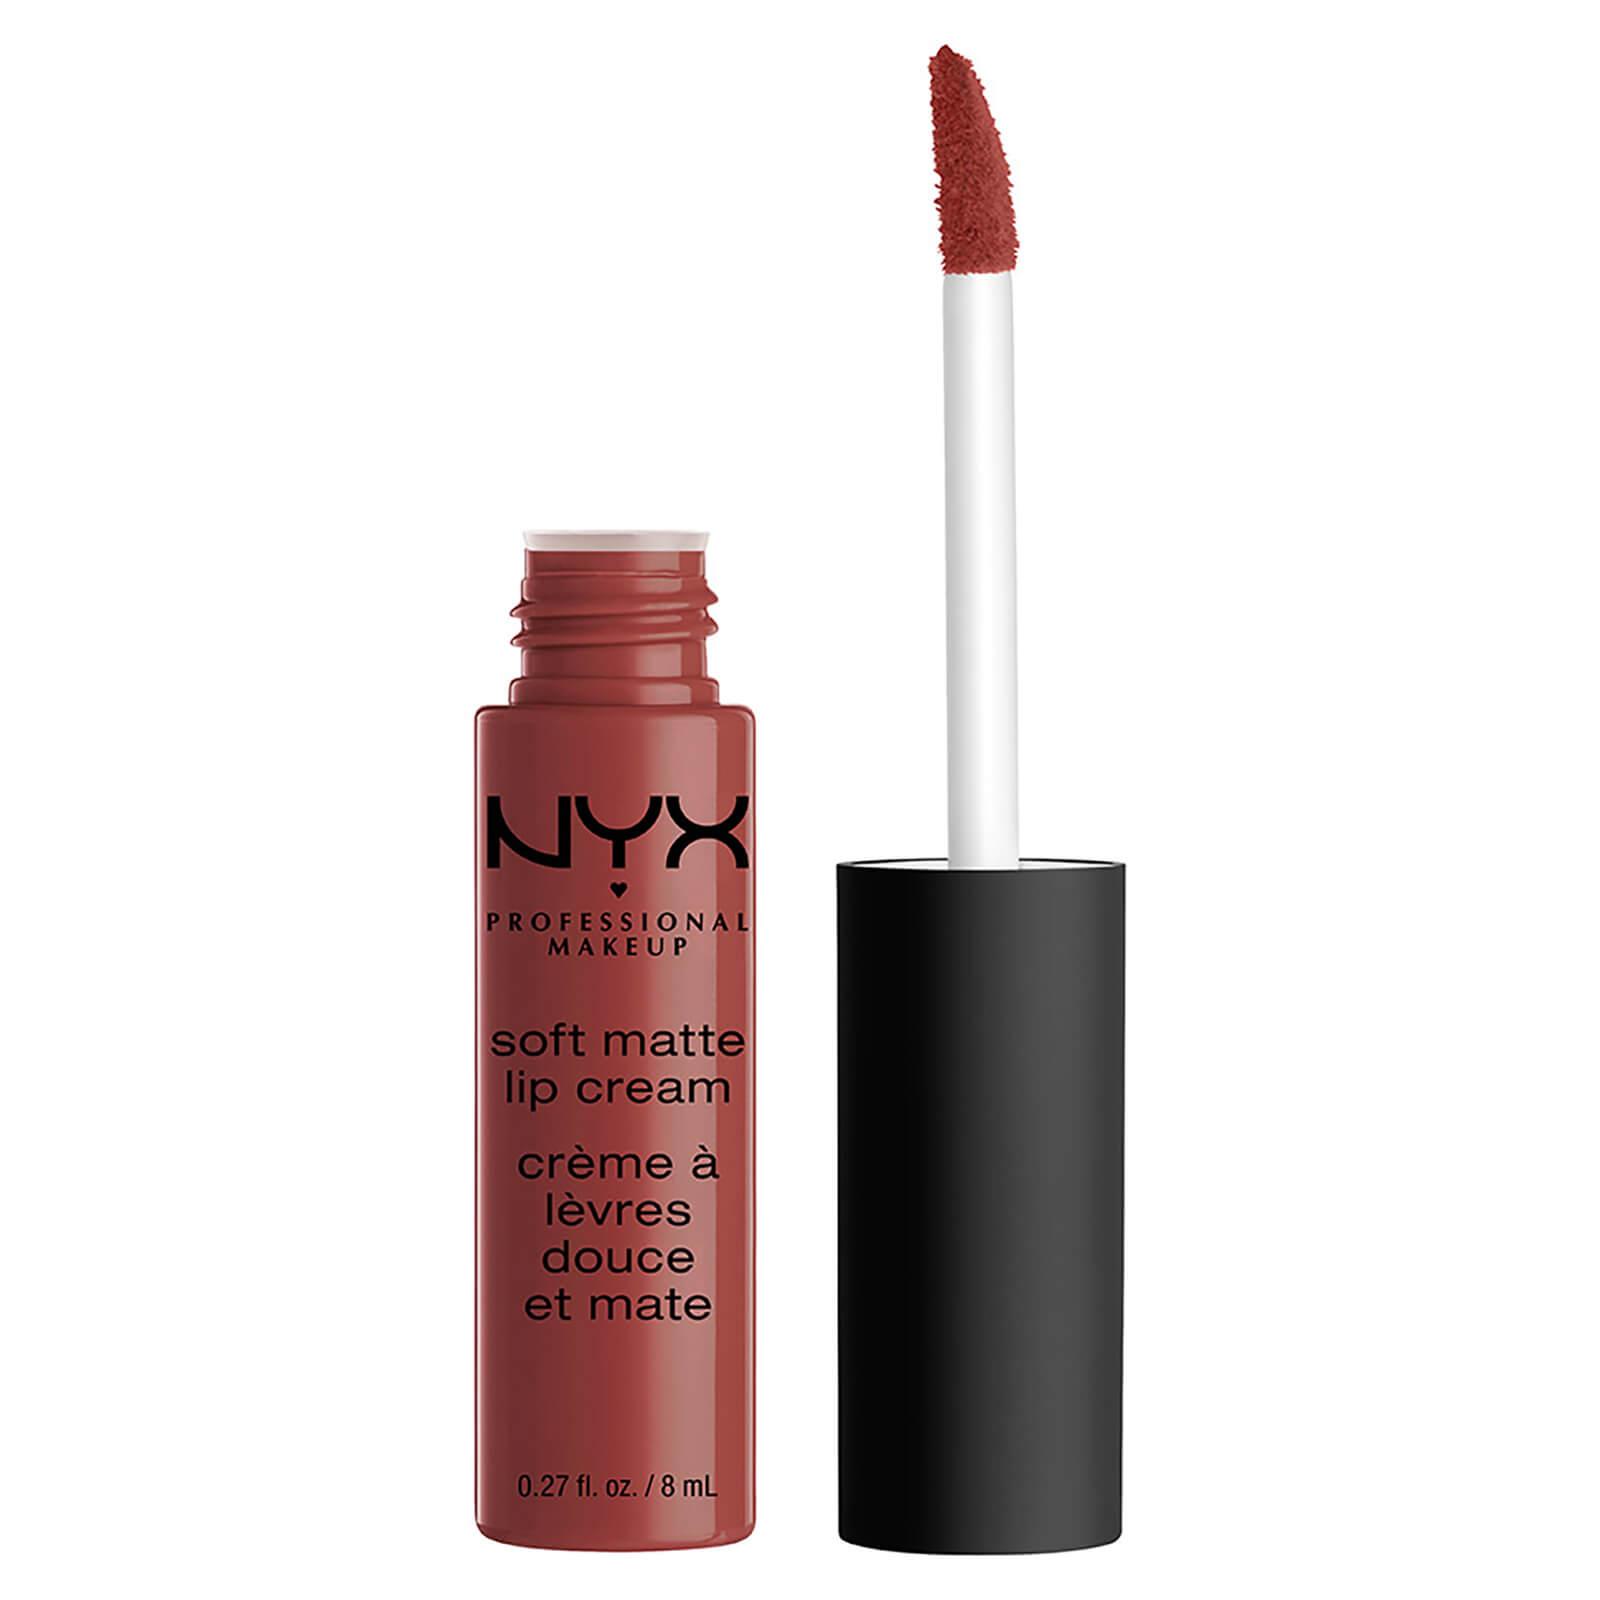 Купить Матовая жидкая помада NYX Professional Makeup Soft Matte Lip Cream (разные оттенки) - Rome